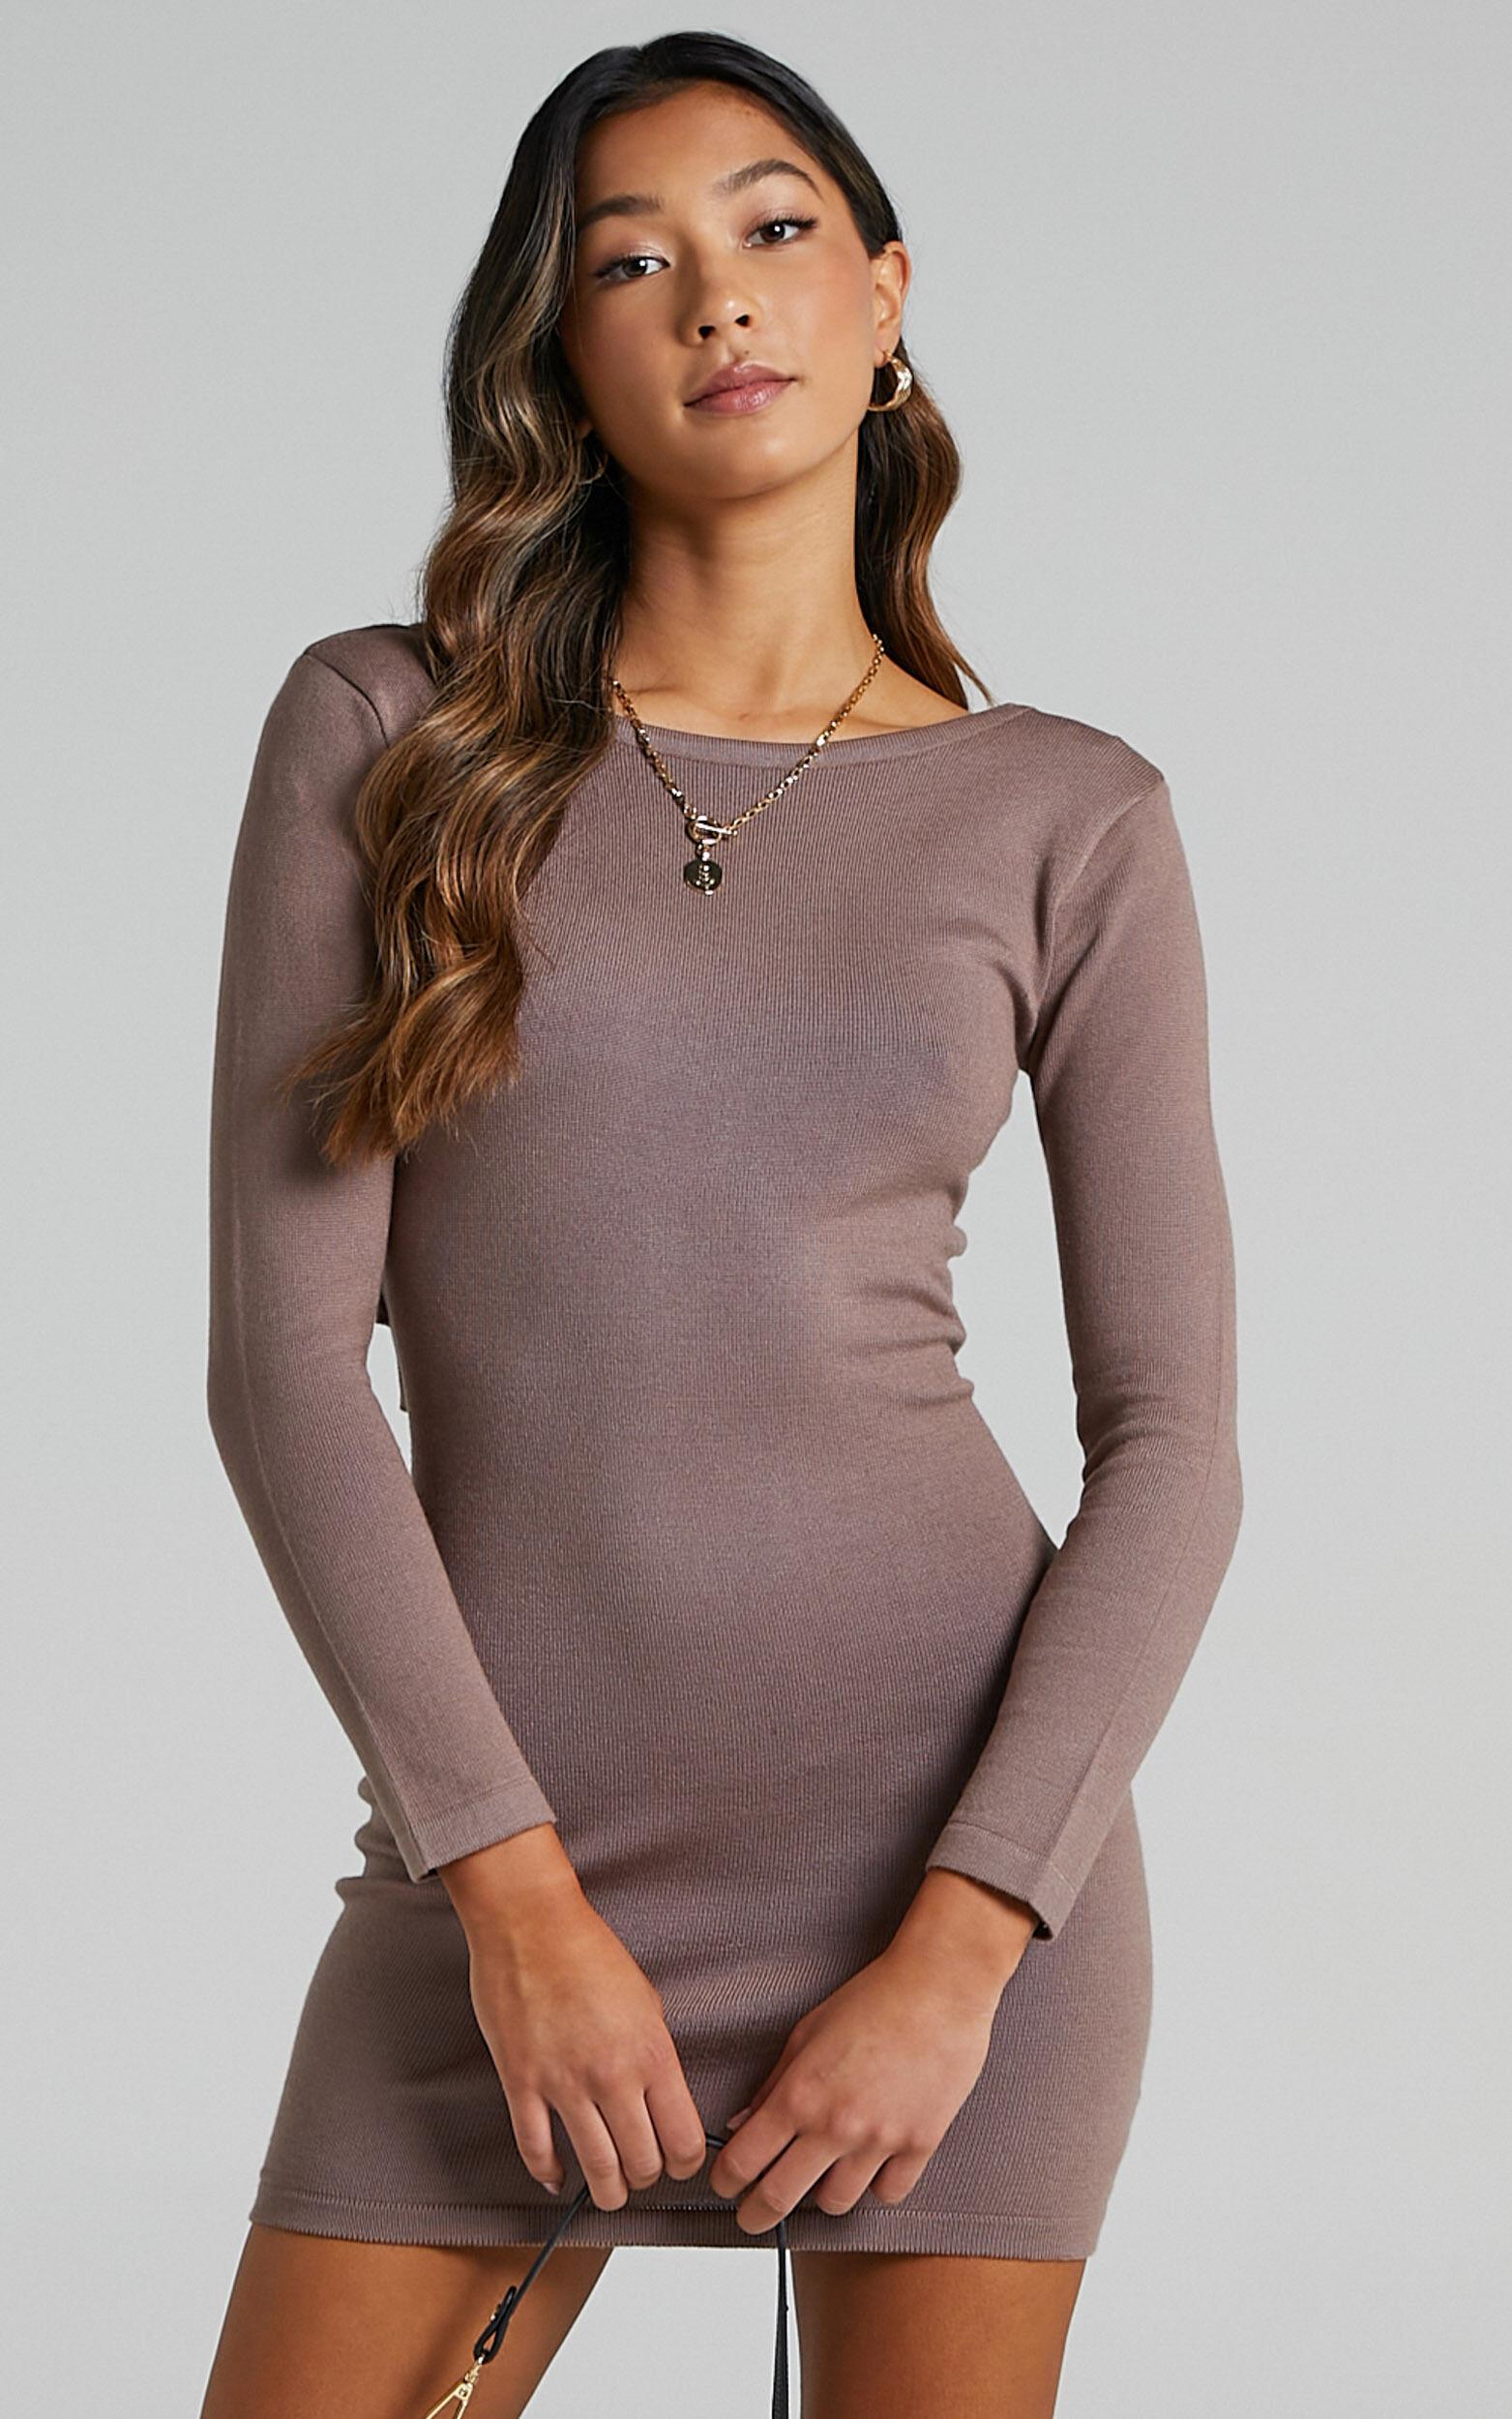 Sonya Knit Dress in Mocha - L, BRN1, super-hi-res image number null